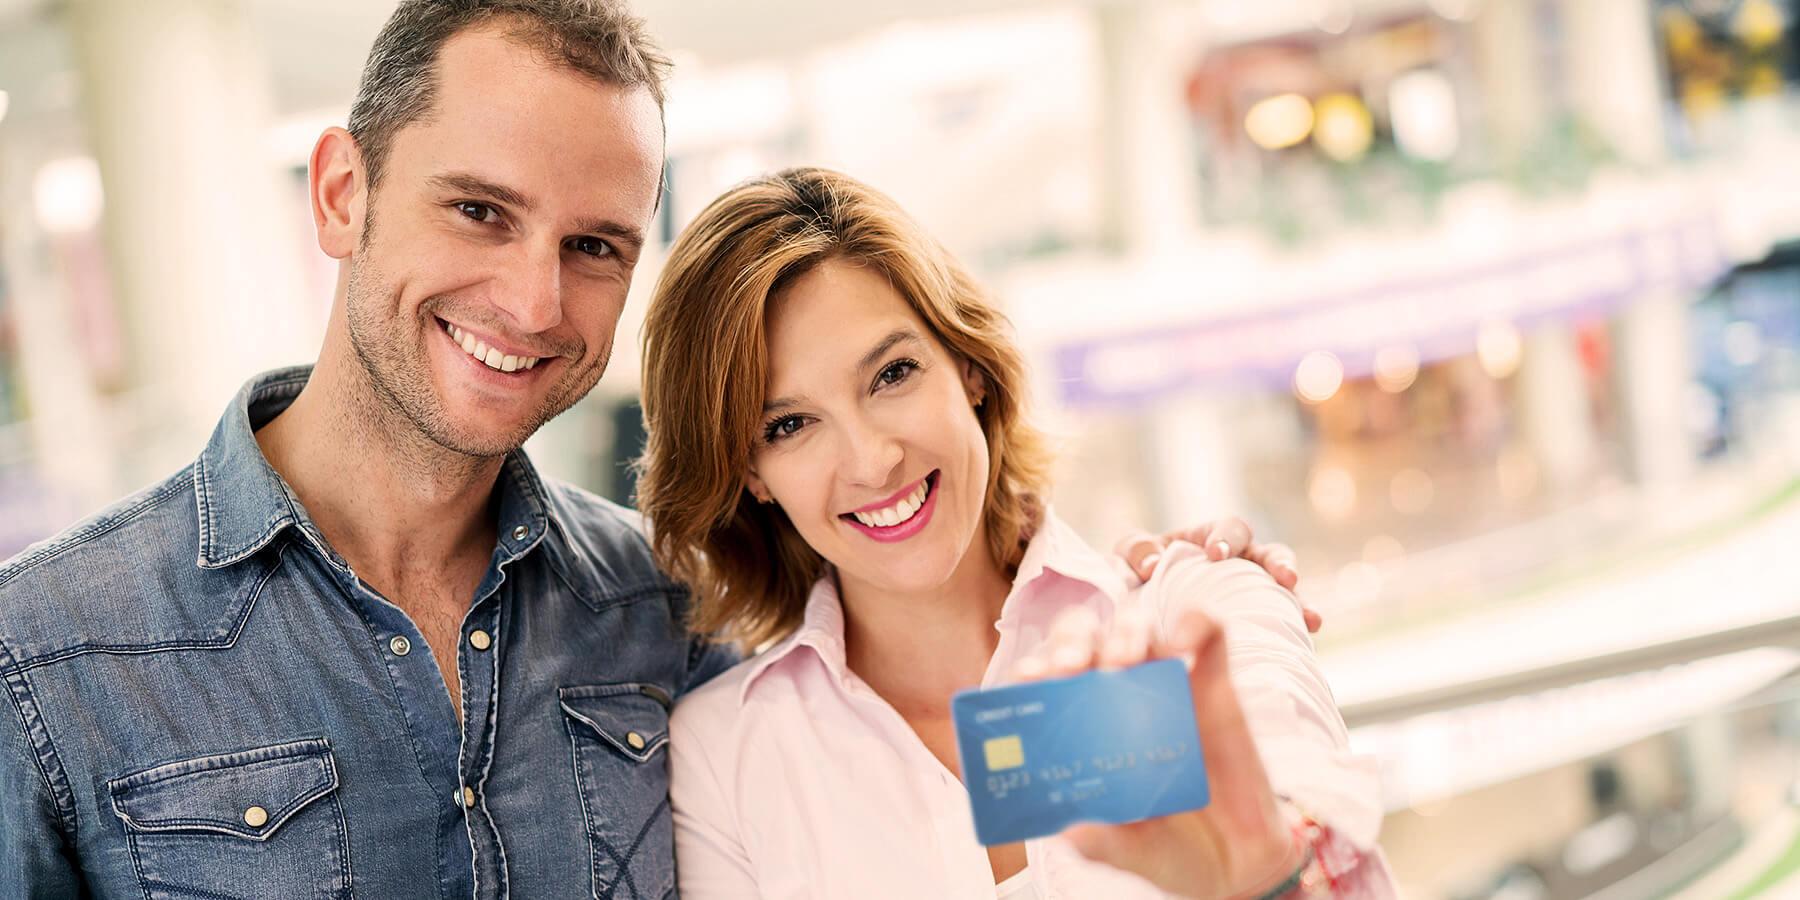 kreditkarte sperren sicher bezahlen weltweit nutzen. Black Bedroom Furniture Sets. Home Design Ideas